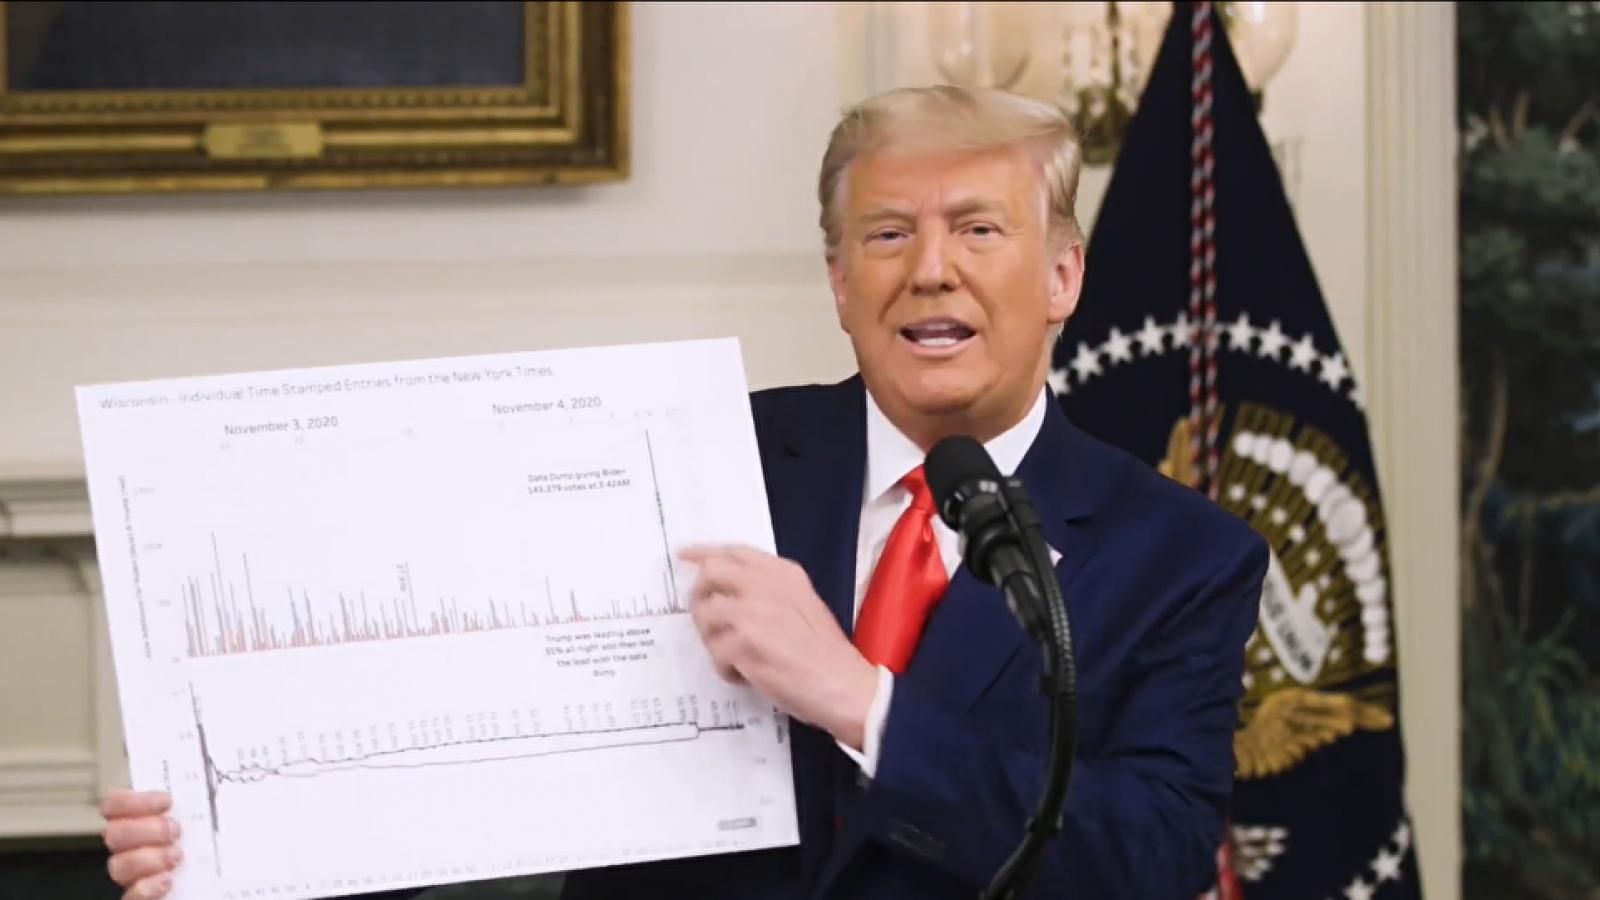 Ông Trump tuyên bố bảo vệ hệ thống bầu cử Mỹ khỏi bị tấn công và bao vây